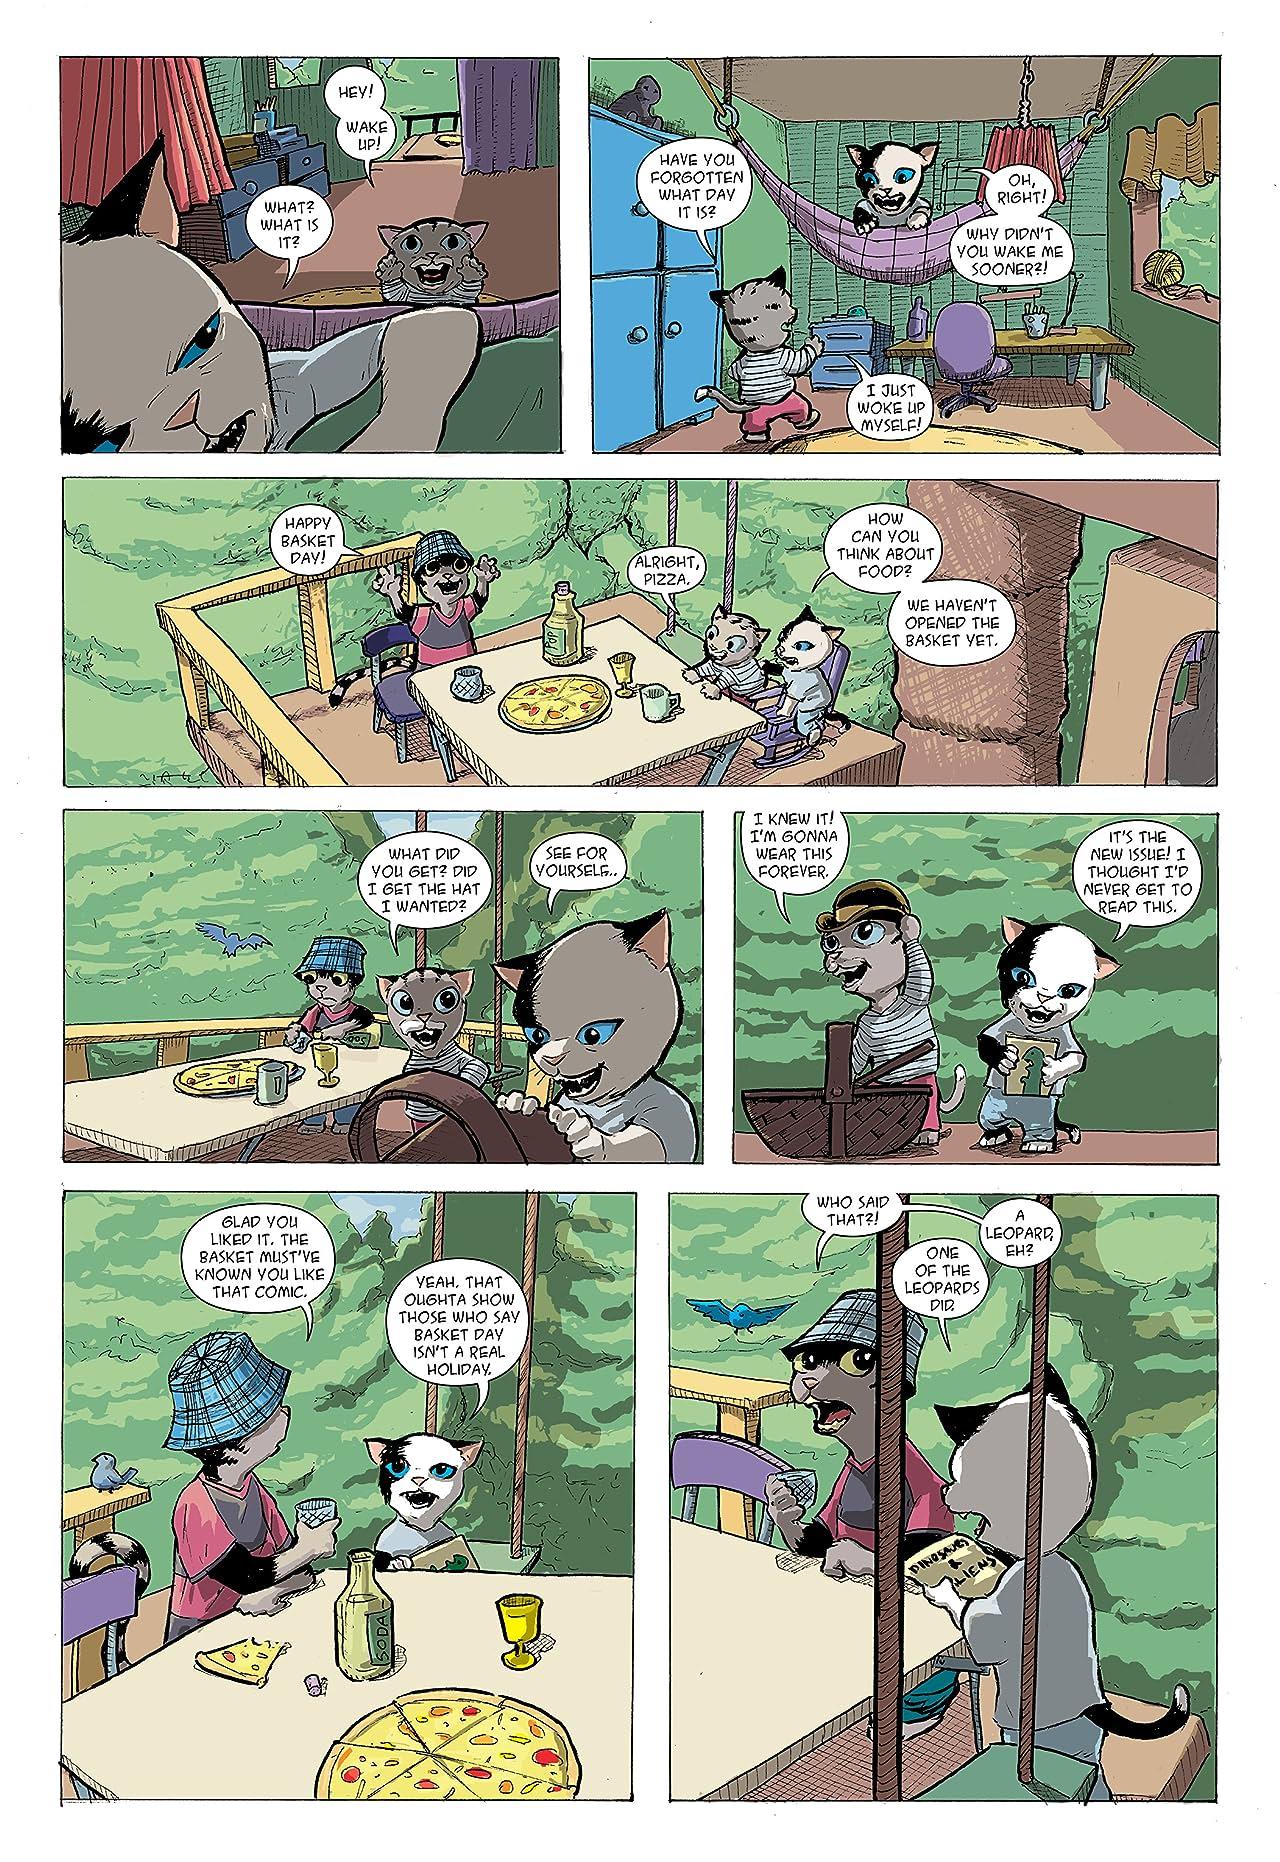 Pipeline Lizards #6